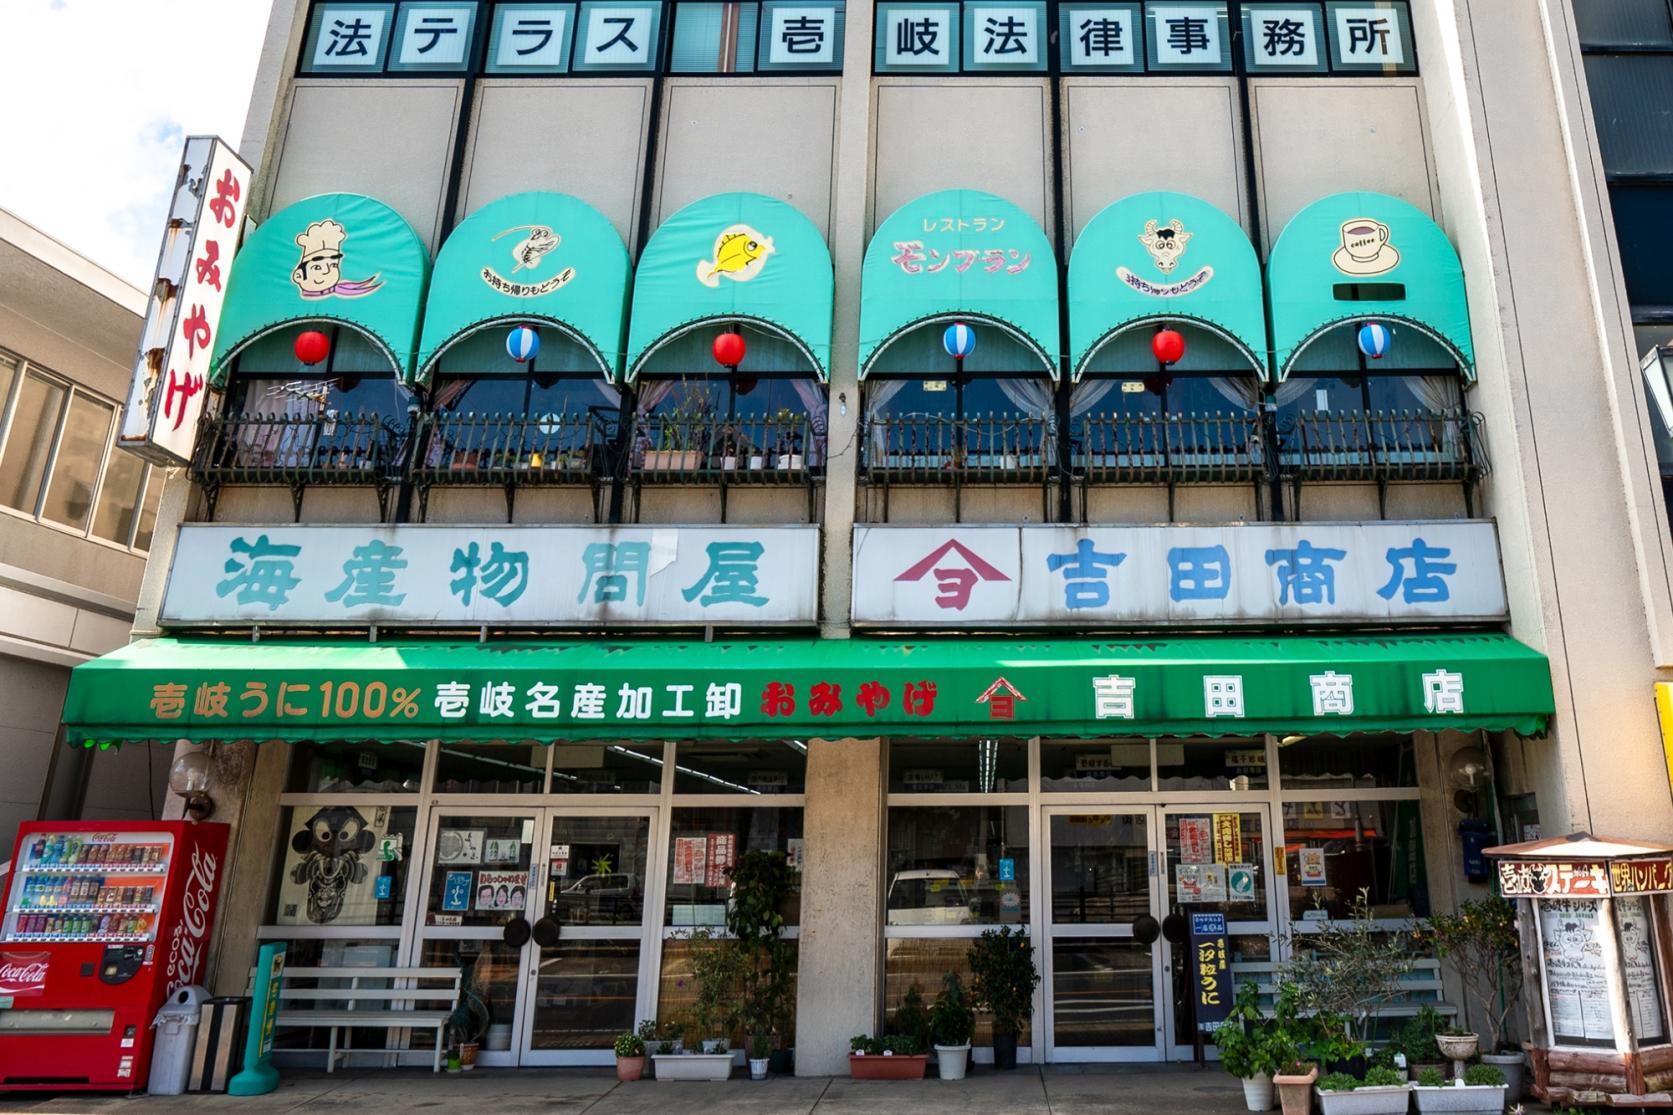 名物ご主人がいる吉田商店は、多彩な品揃えが魅力!-0